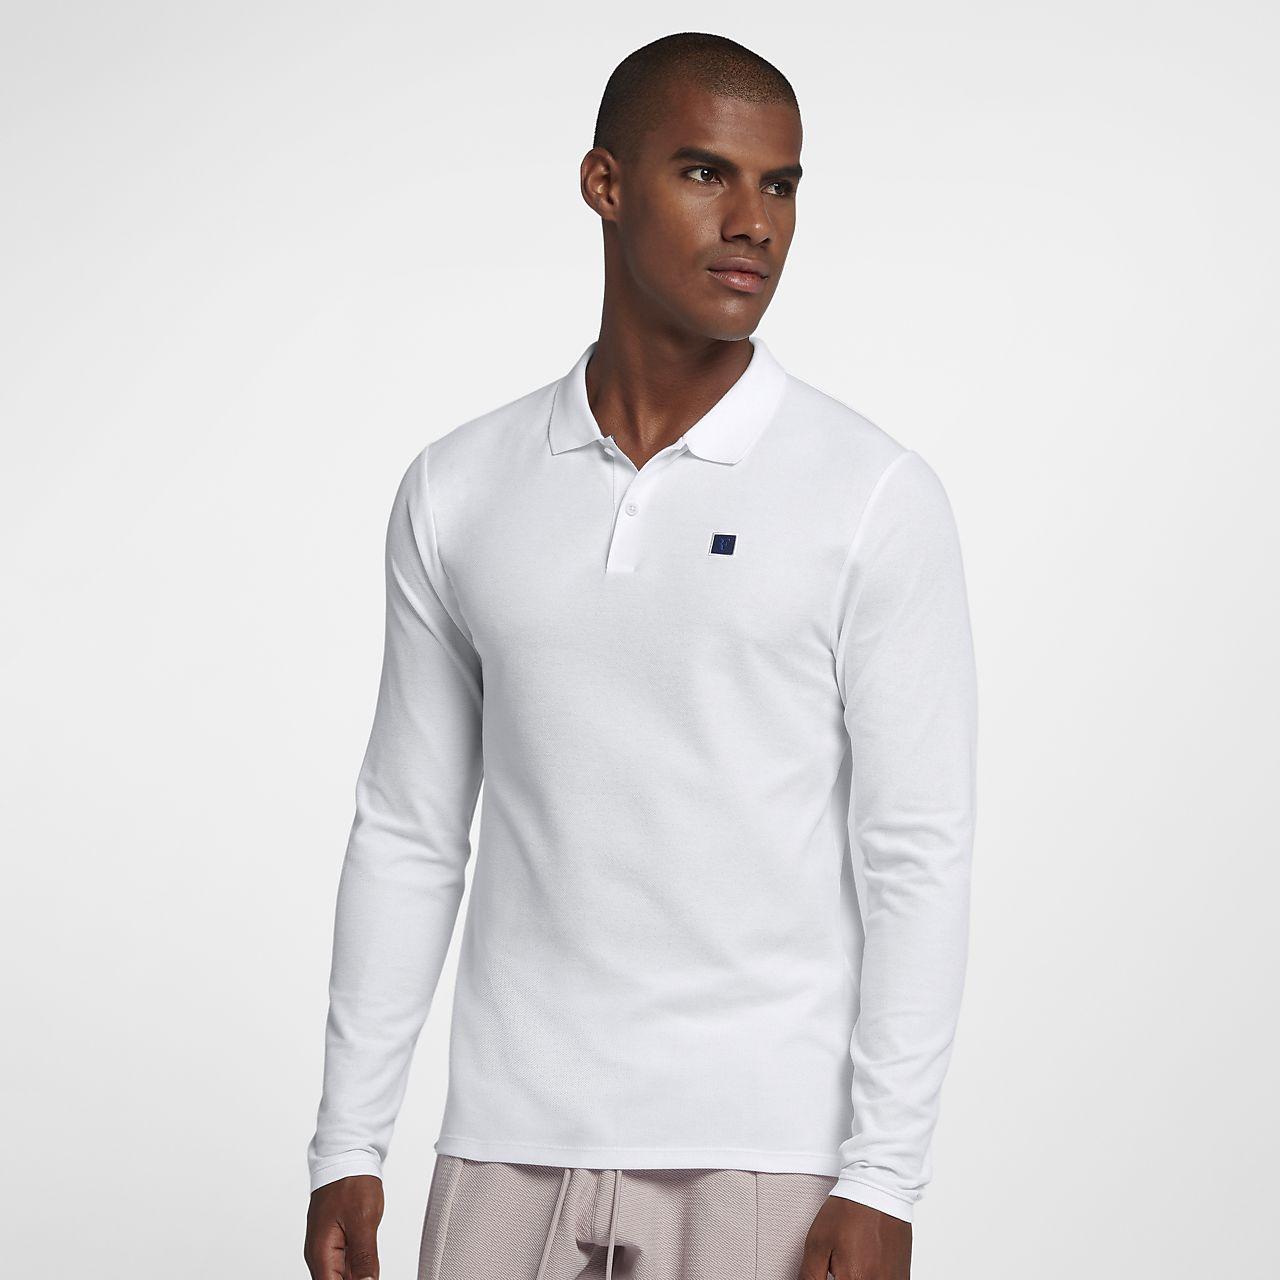 Company Logo Nike Polo Shirts